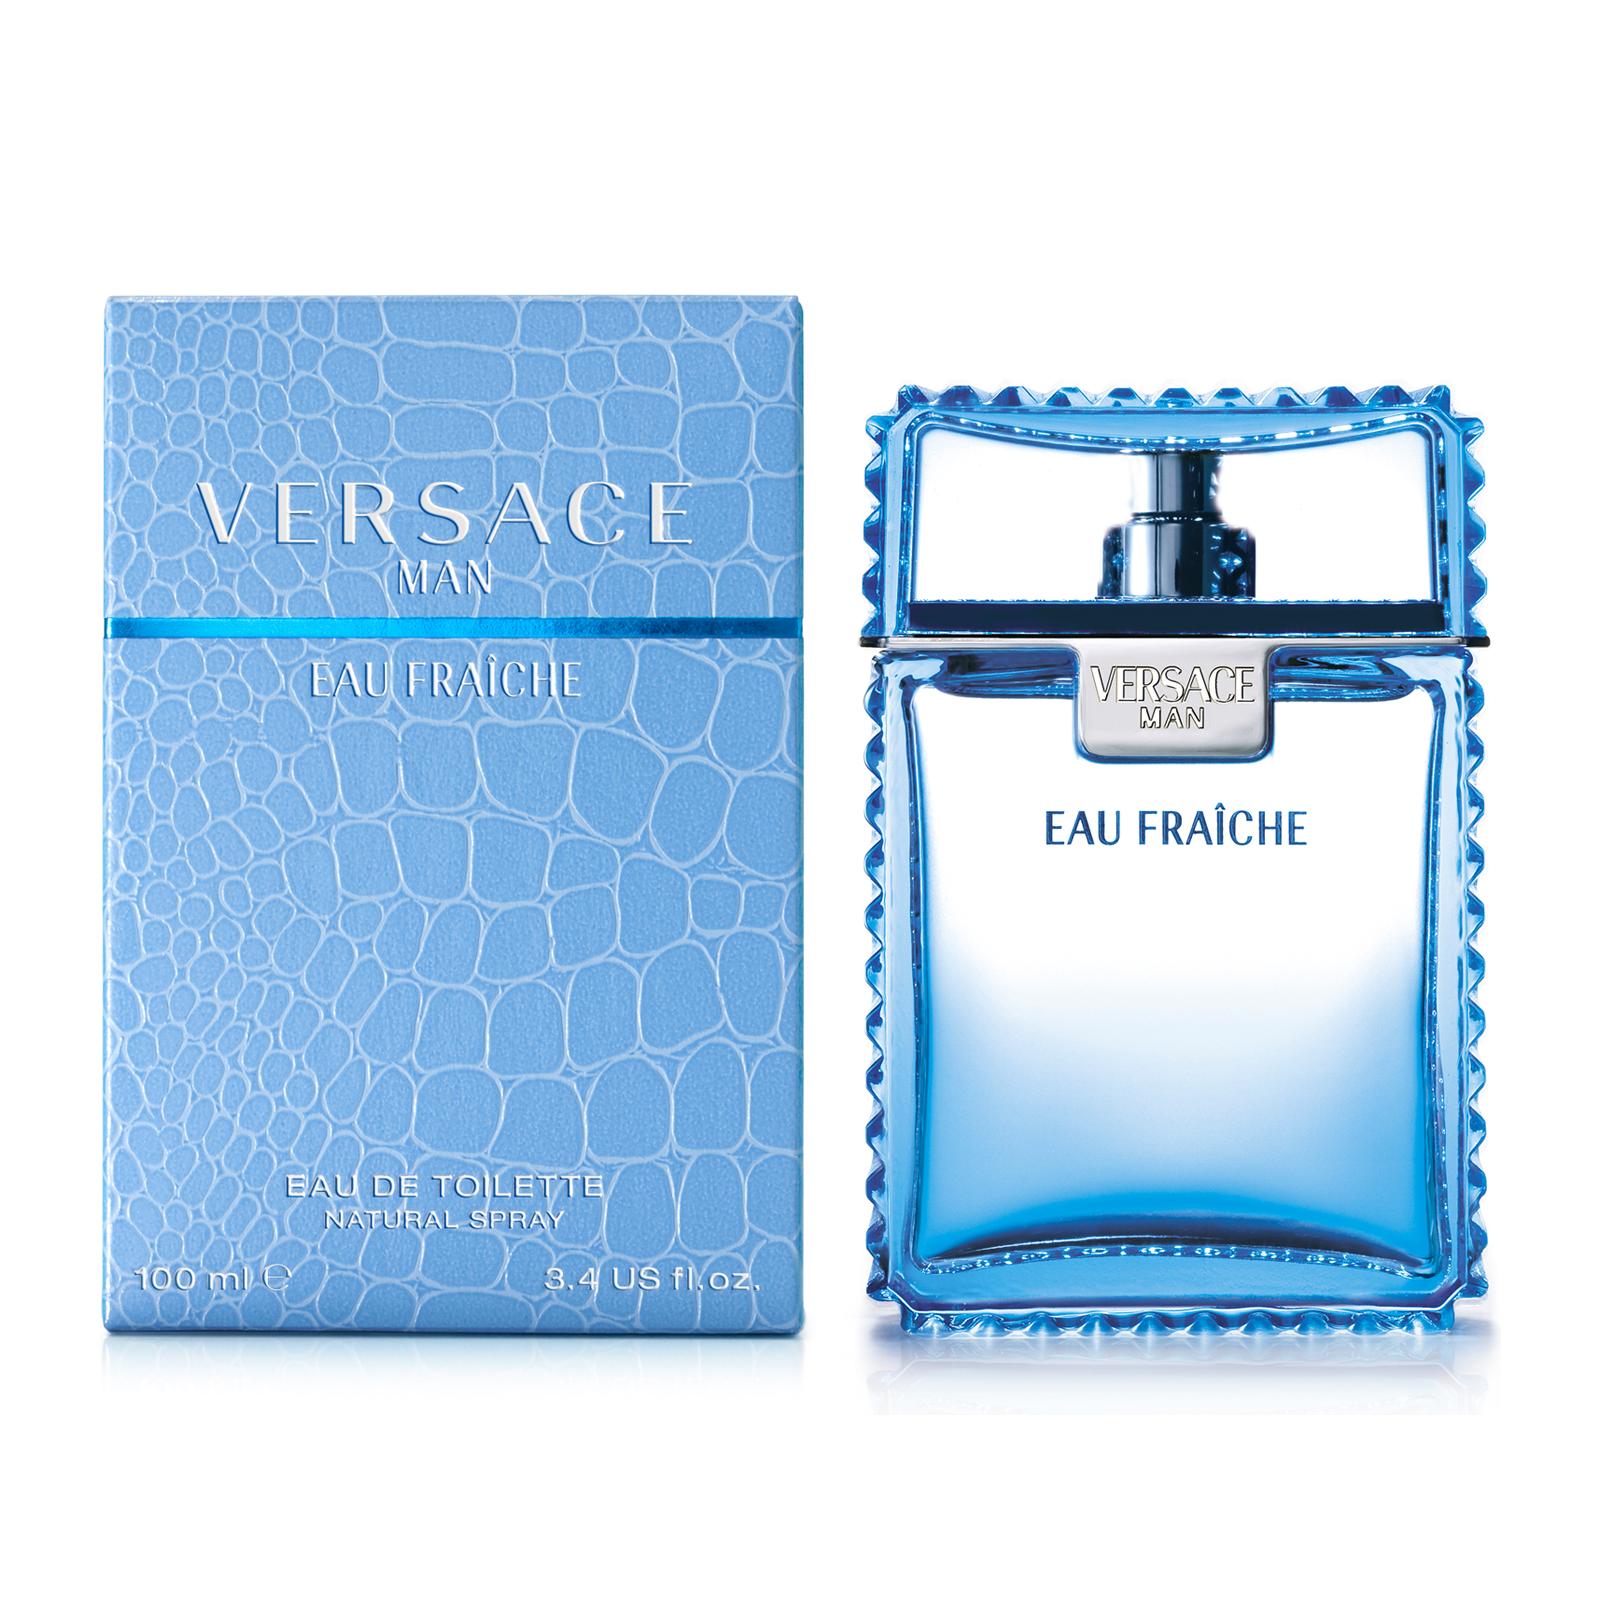 Versace Man Eau Fraiche edt spray 100 ml